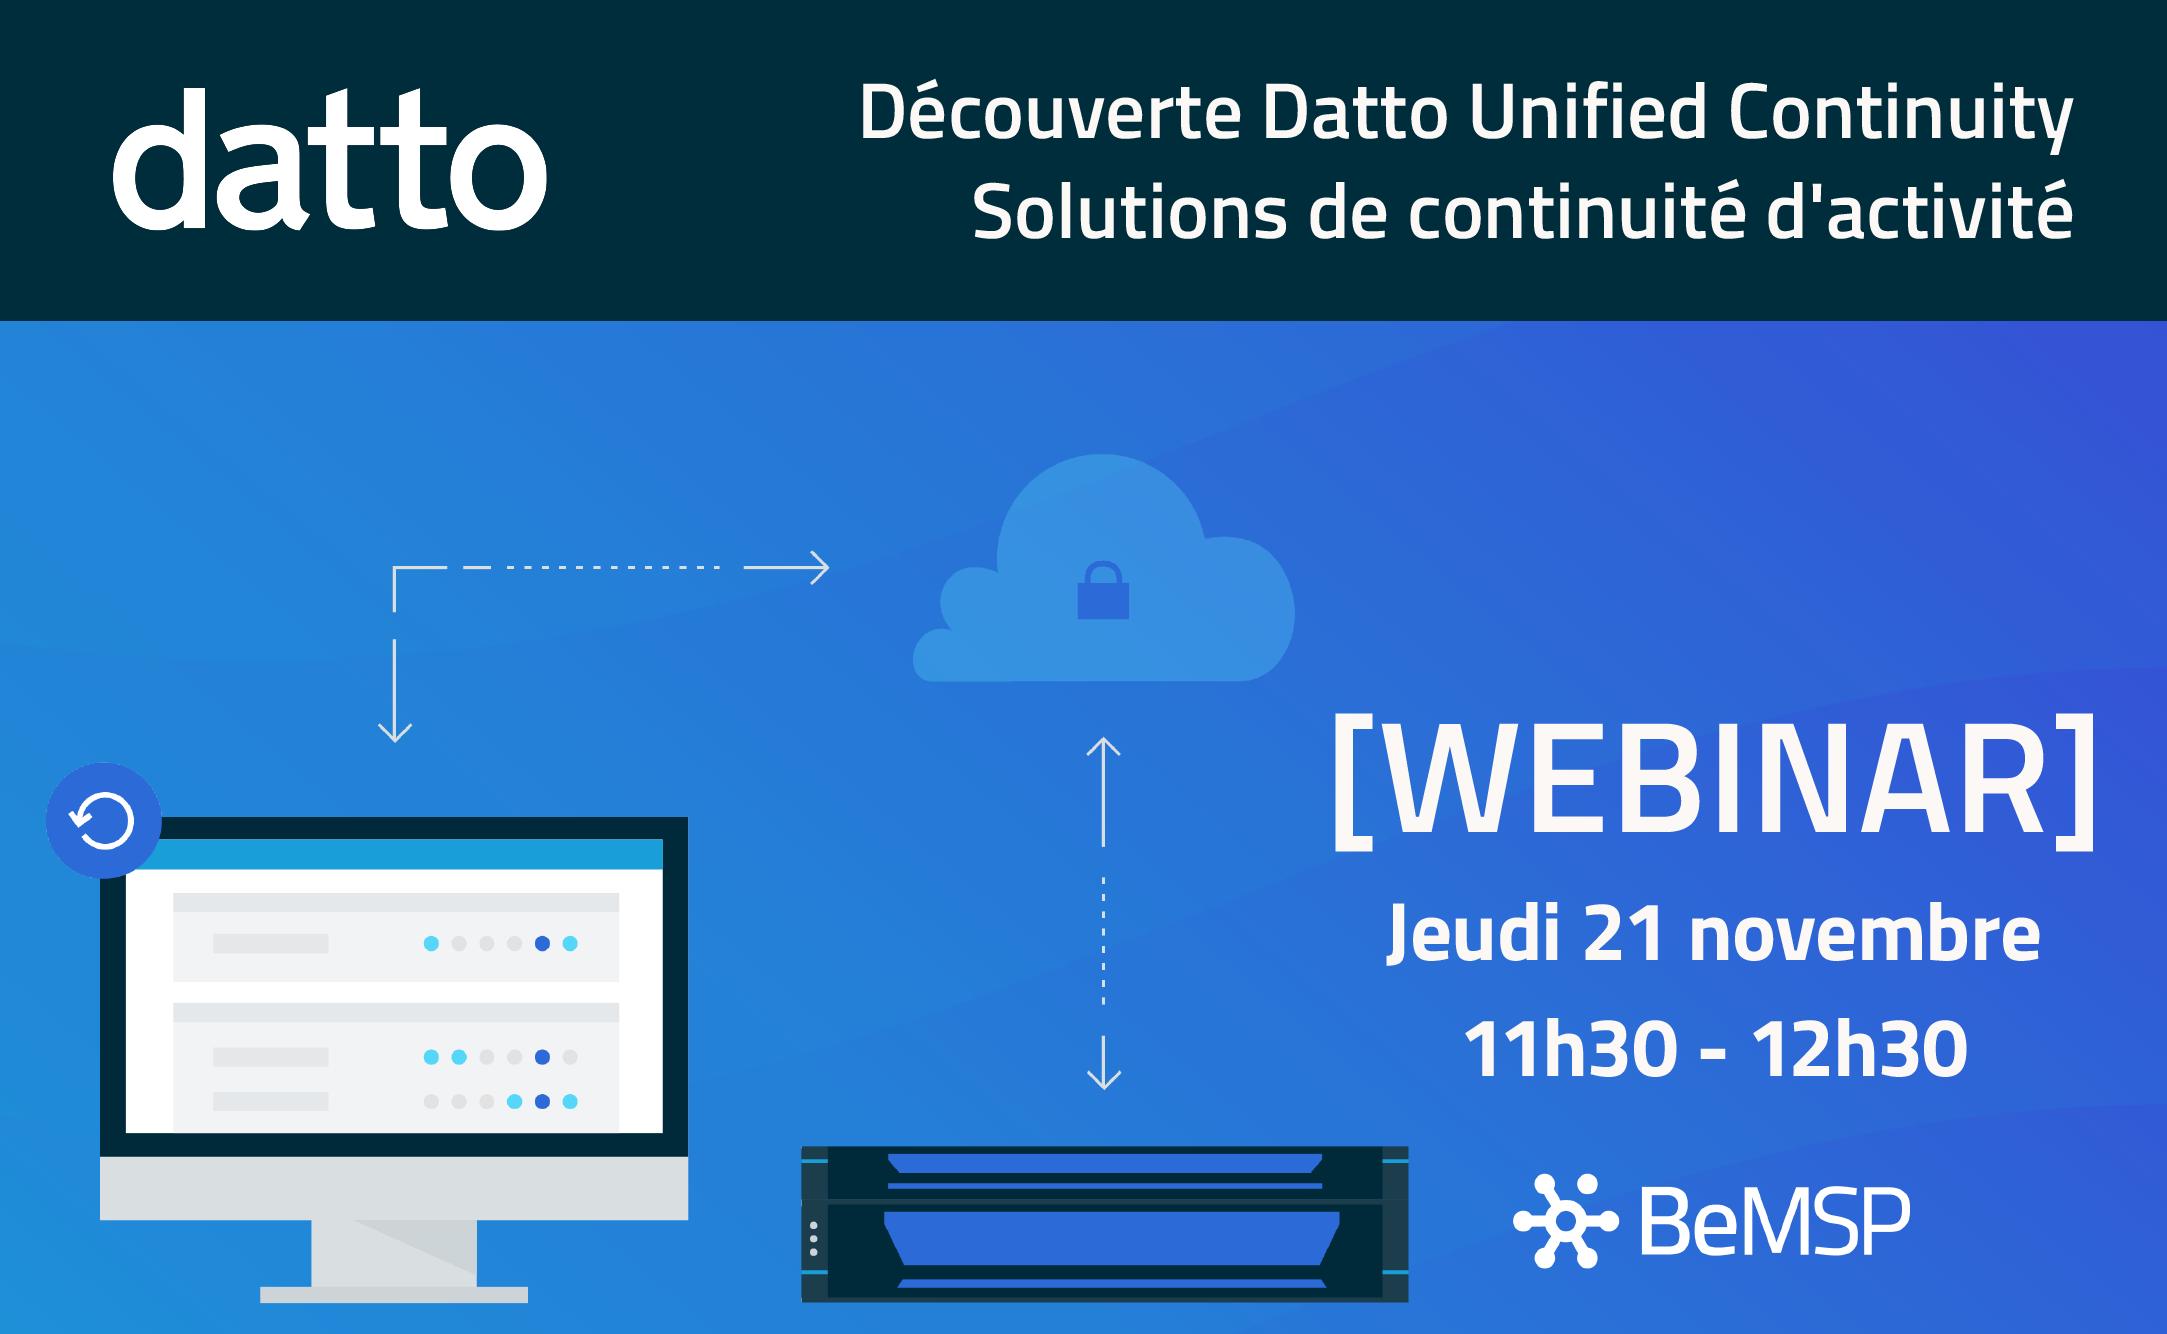 [Webinar] Datto Unified Continuity – Gamme complète de solutions de continuité d'activité – Jeudi 21 novembre à 11h30